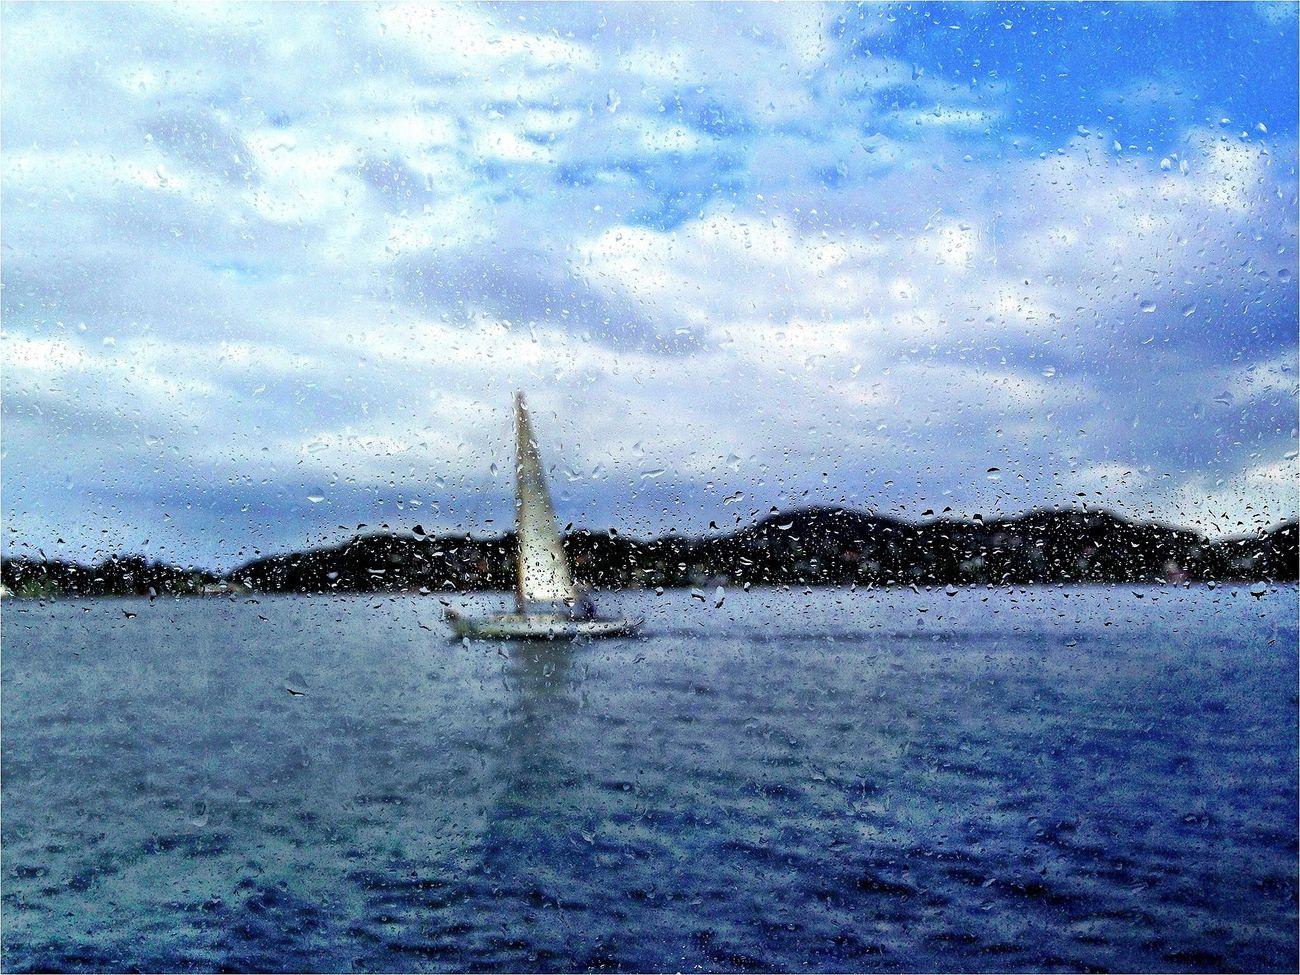 sail away, sail away, sail away...